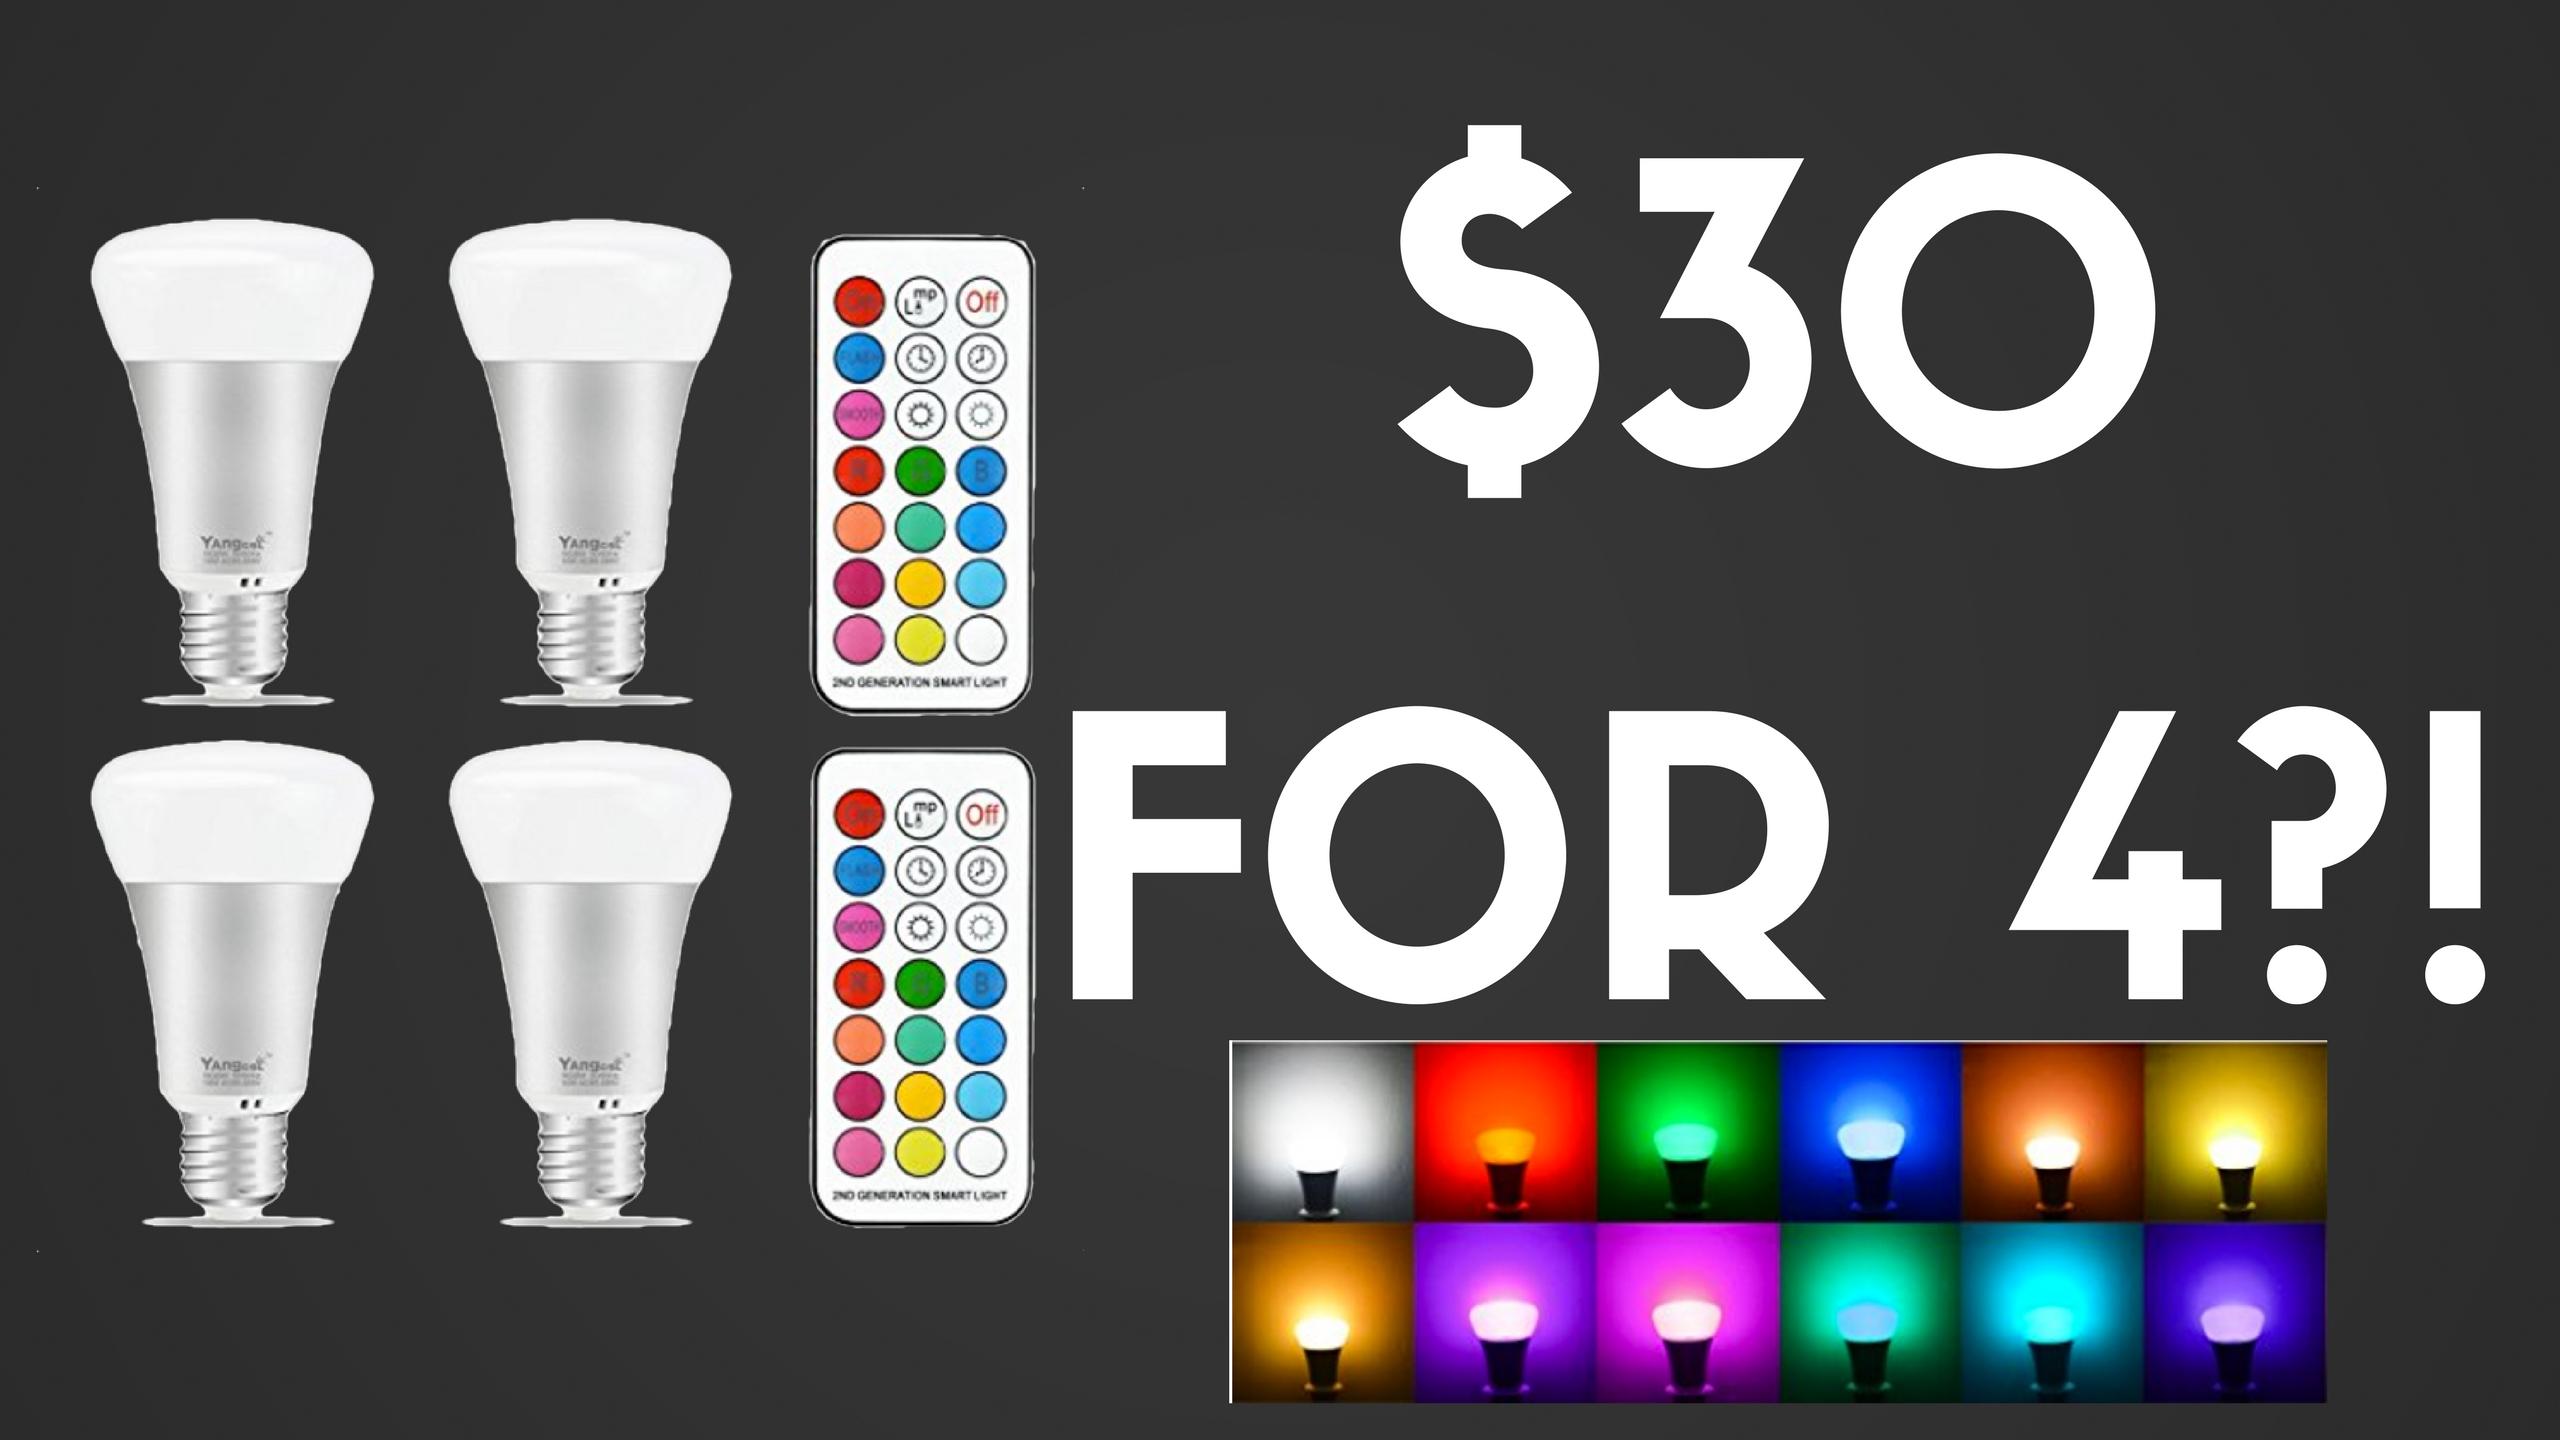 4 LED Bulbs Under $30